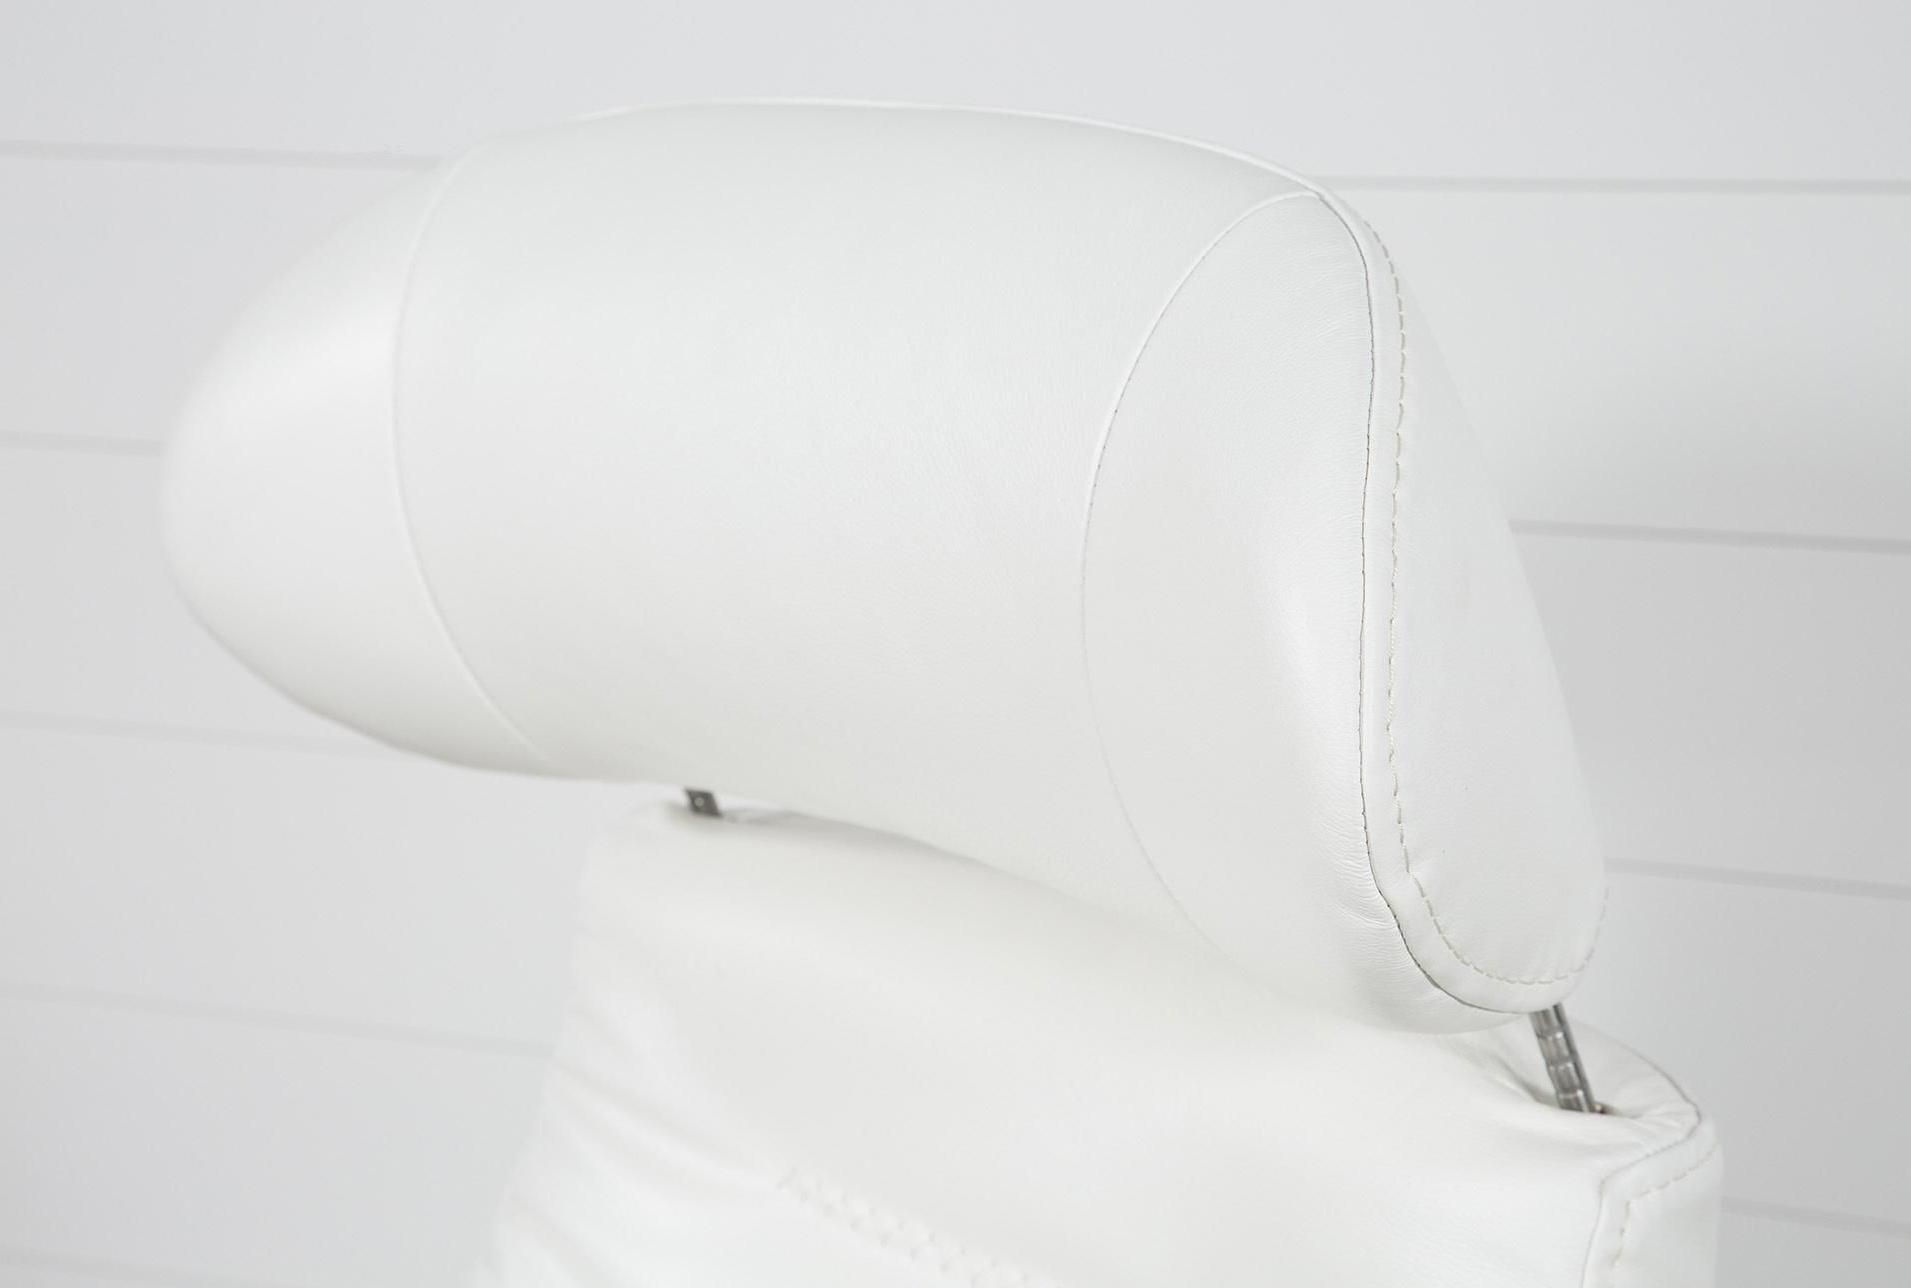 Famous Amala White Leather Reclining Swivel Chair #whiteleatherchair With Regard To Amala White Leather Reclining Swivel Chairs (Gallery 4 of 20)